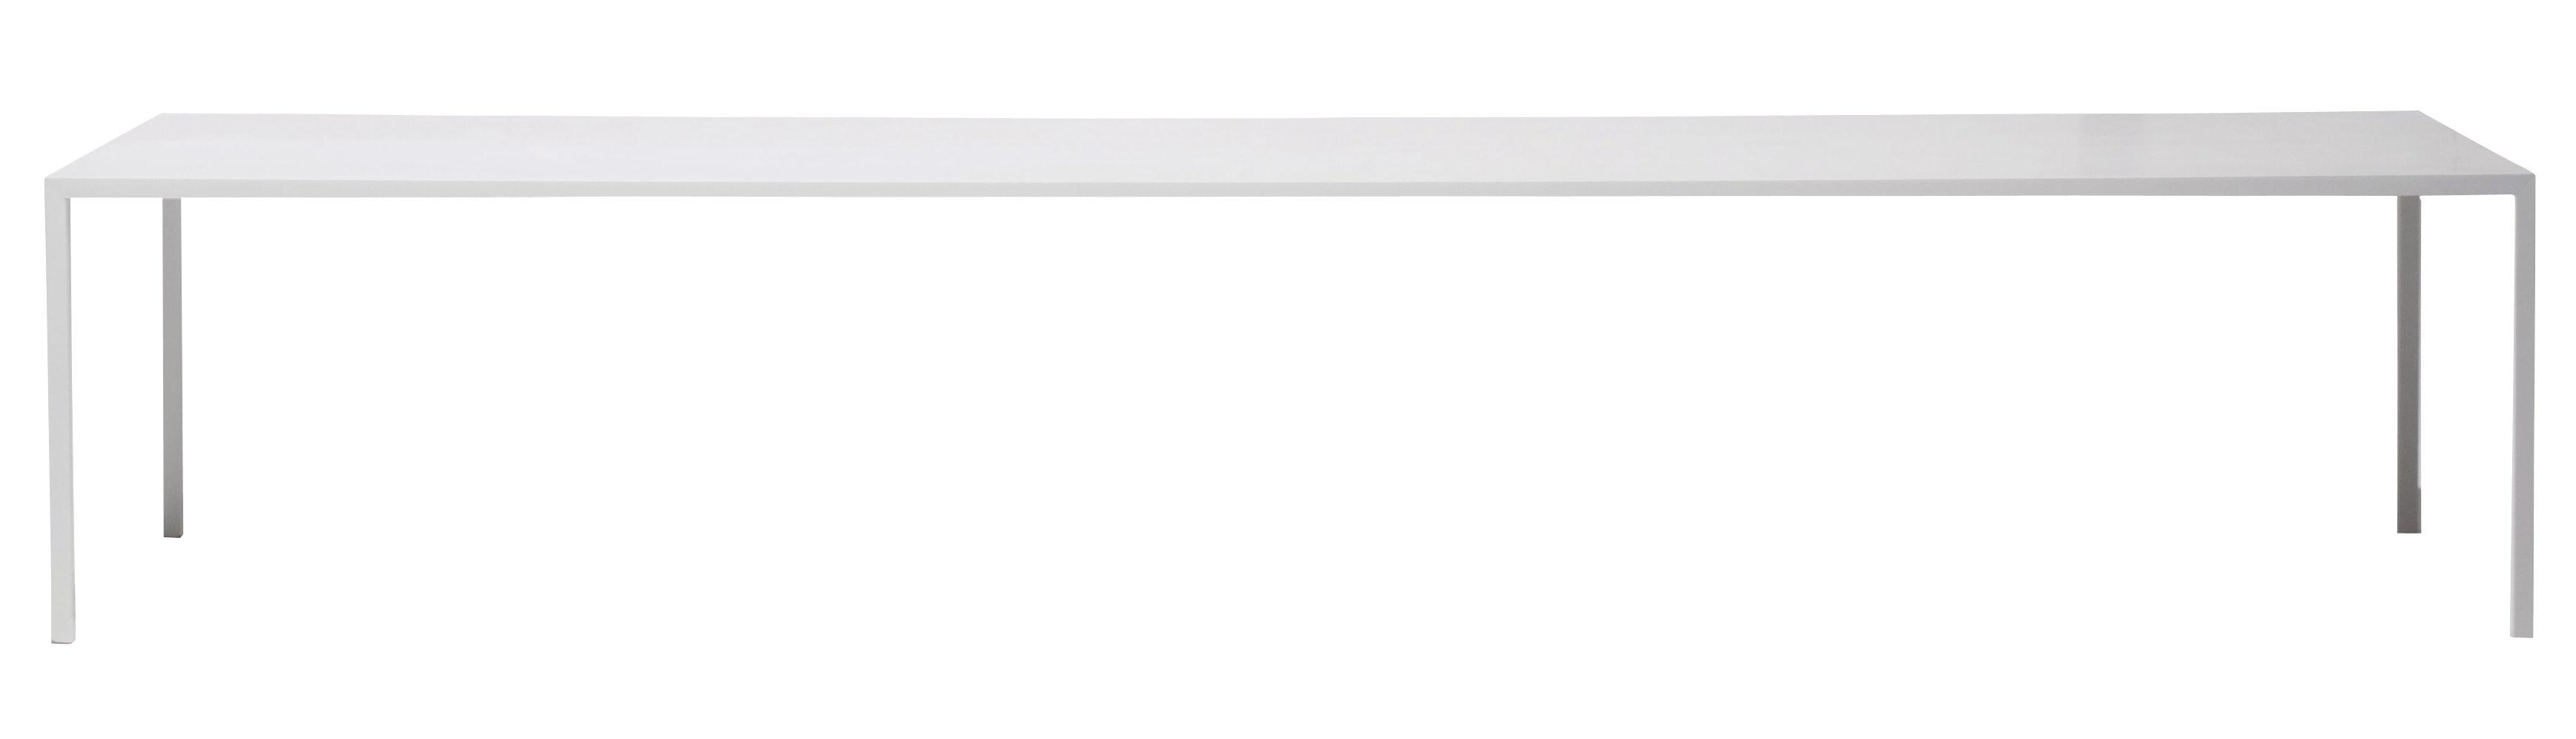 Möbel - Außergewöhnliche Möbel - Tense rechteckiger Tisch 300 x 120 cm - MDF Italia - 300 x 120 cm - weiß - kunstharzbeschichtetes Aluminium